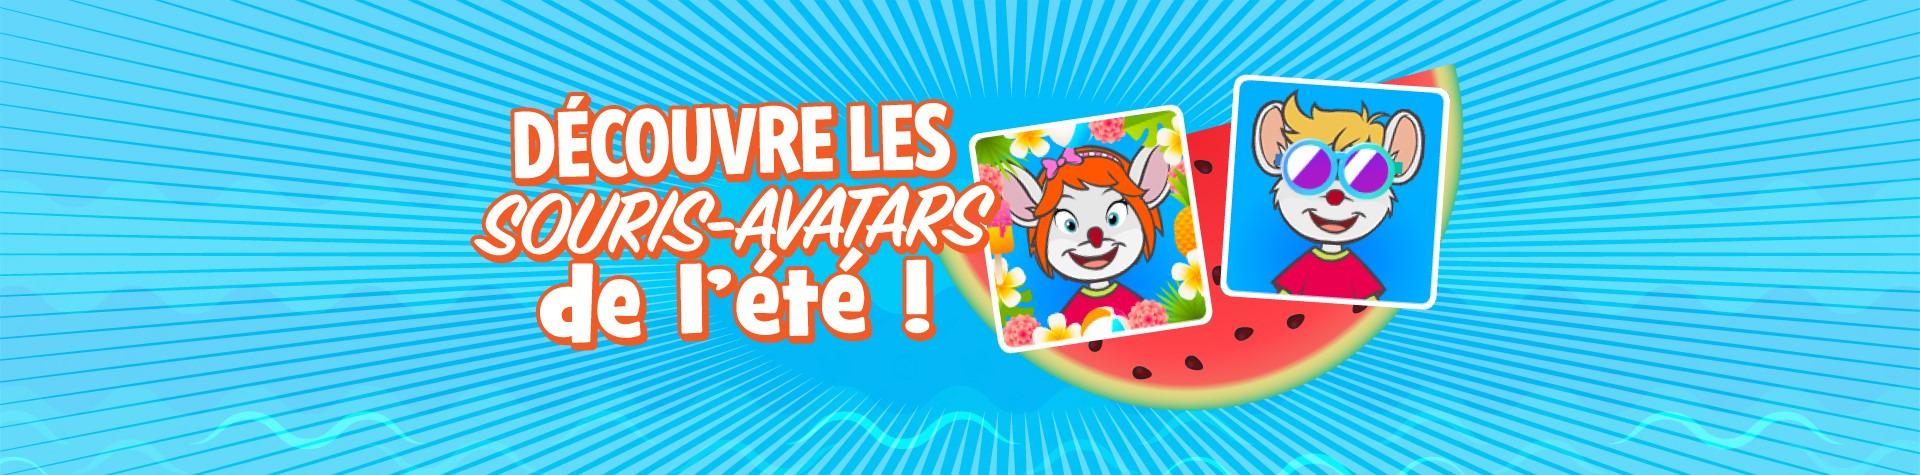 Découvre les souris-avatars de l'été